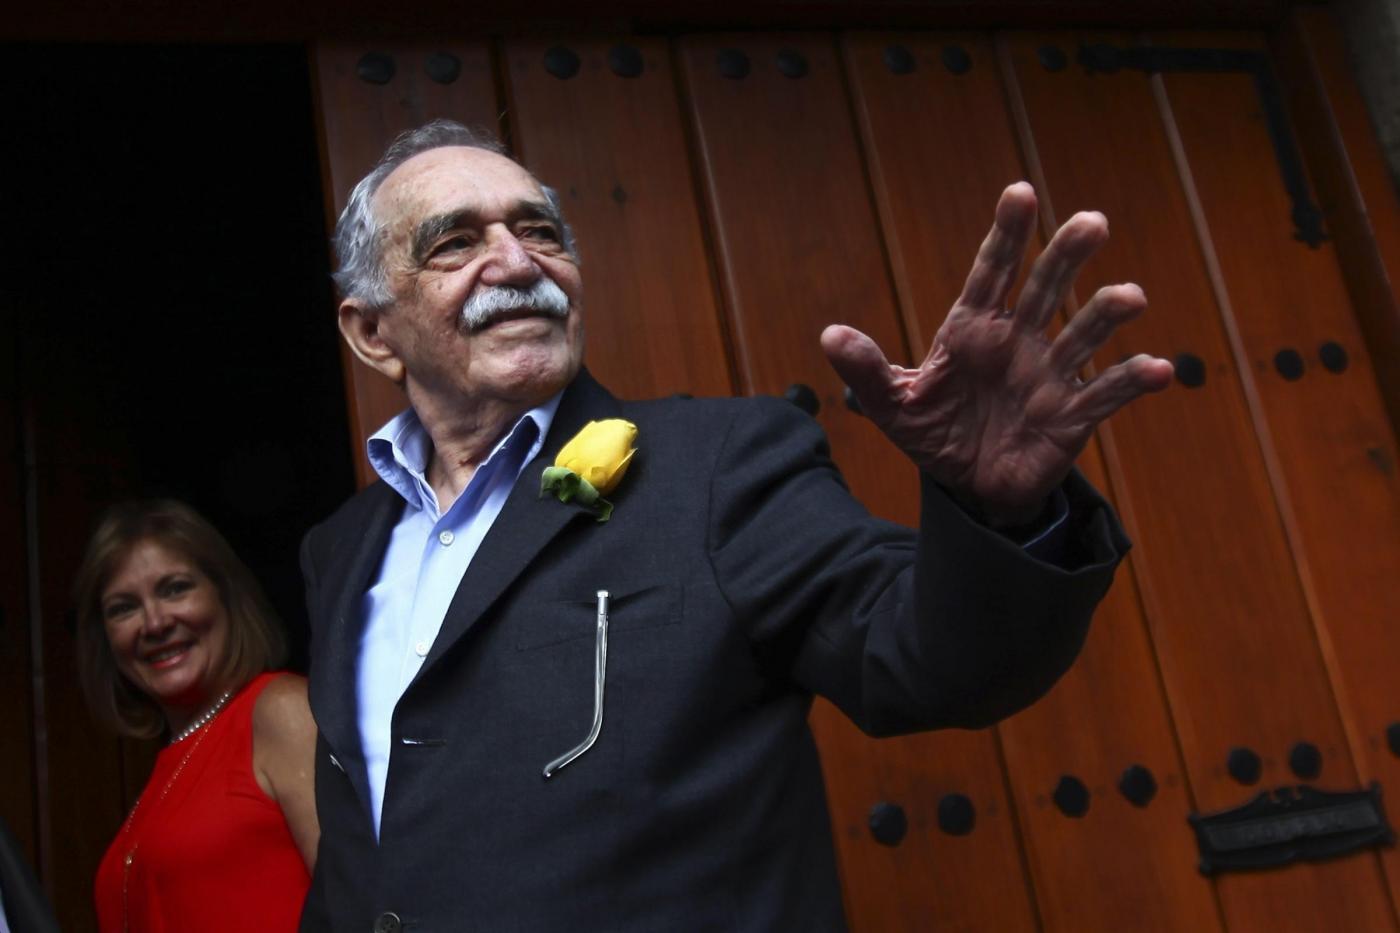 Le frasi di Gabriel García Márquez e i suoi aforismi tratti dai suoi libri e dalle poesie